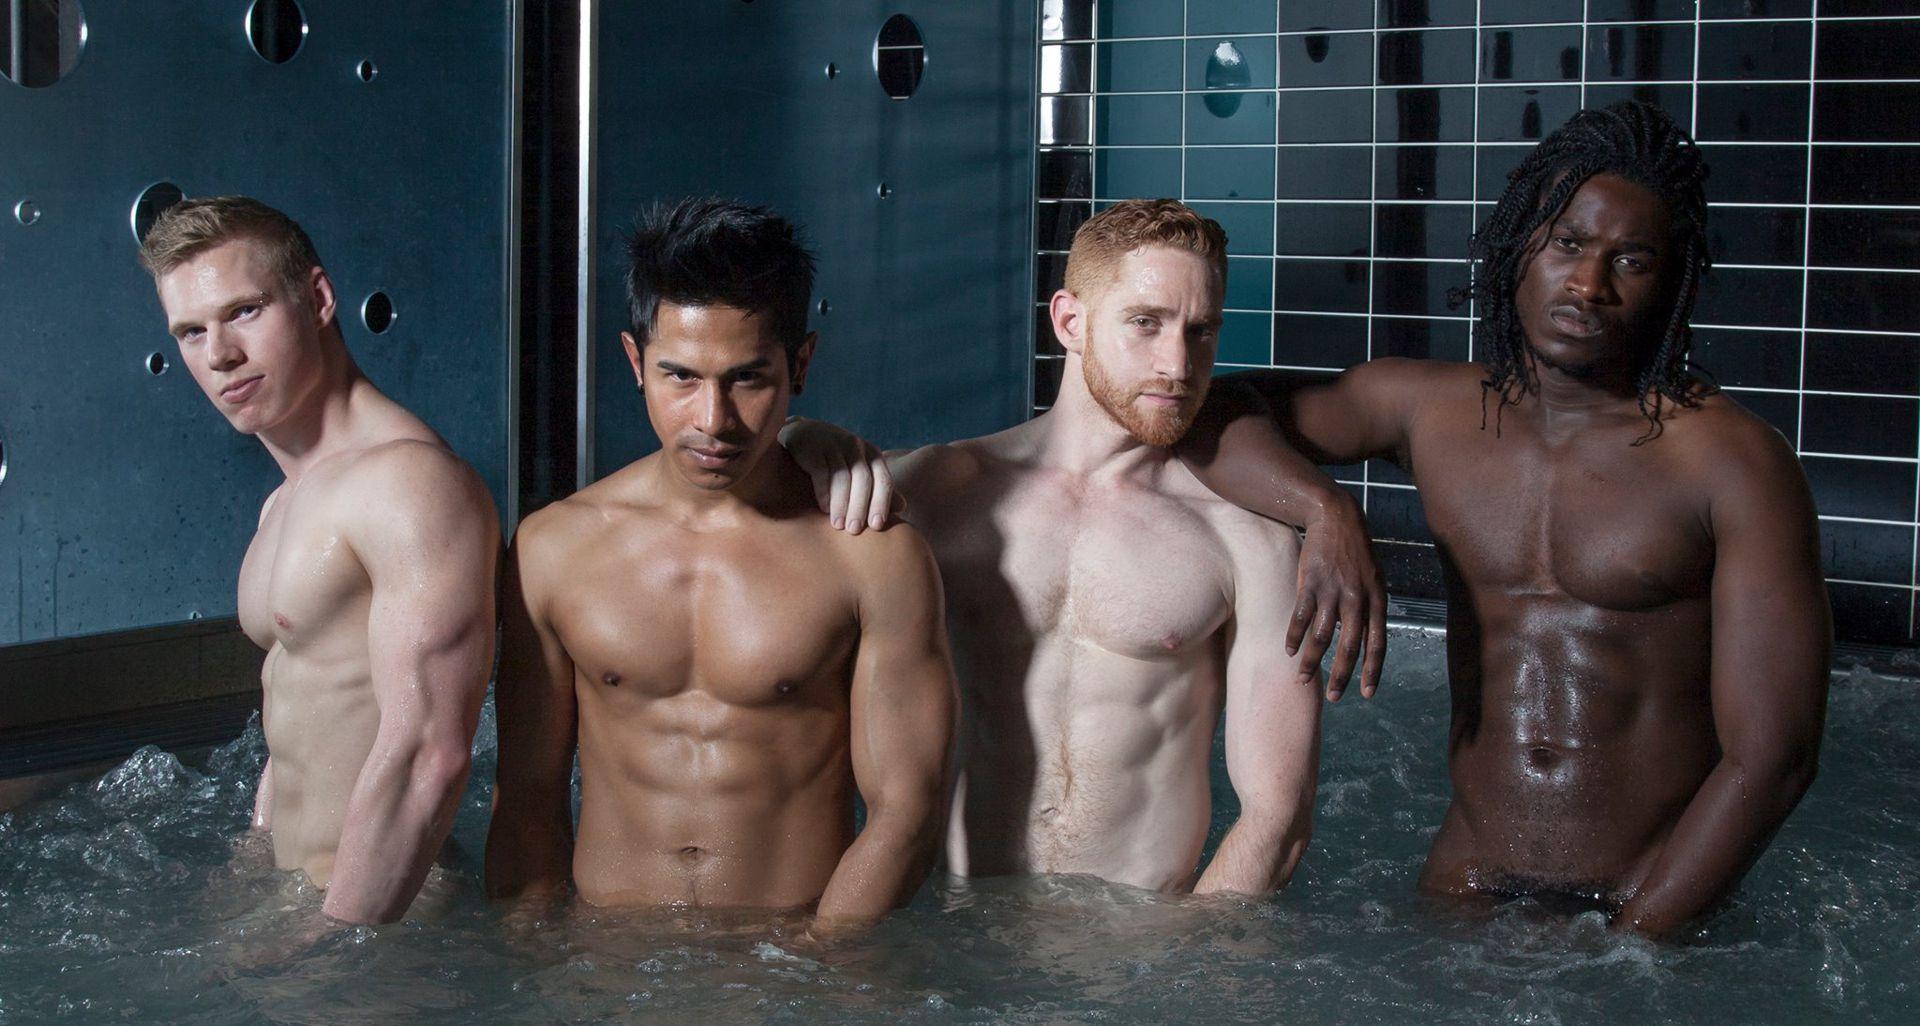 Gay sauna pics